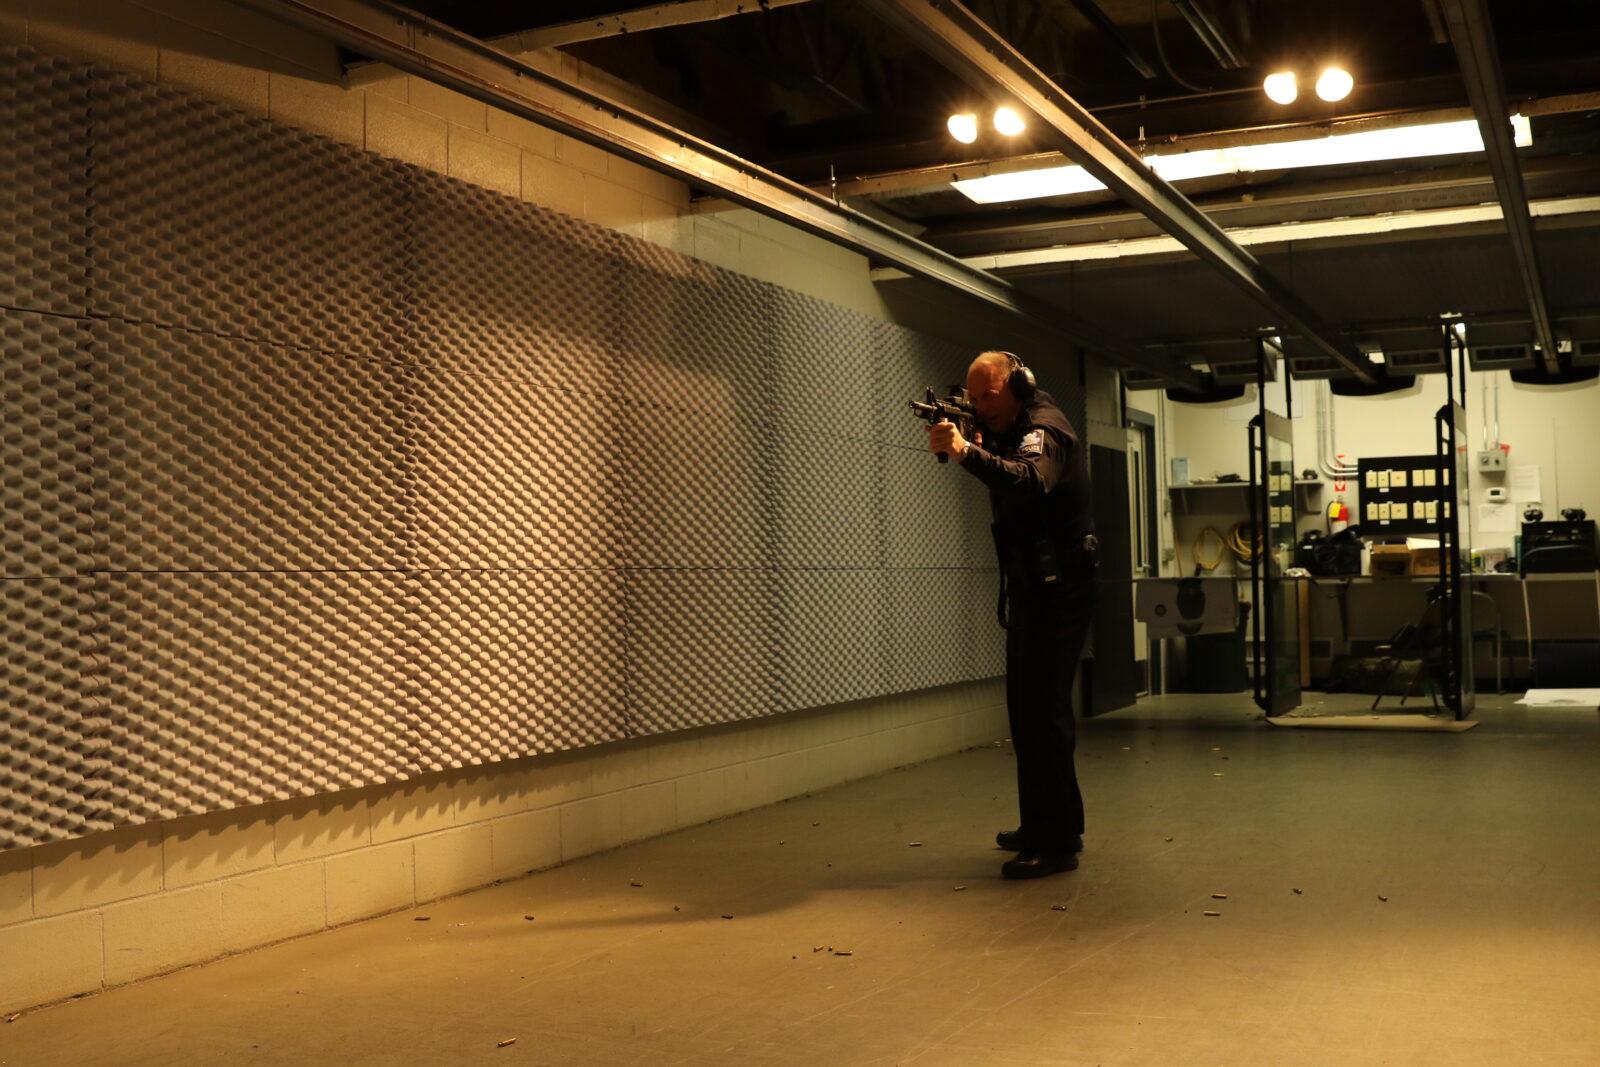 indoor gun range noise control